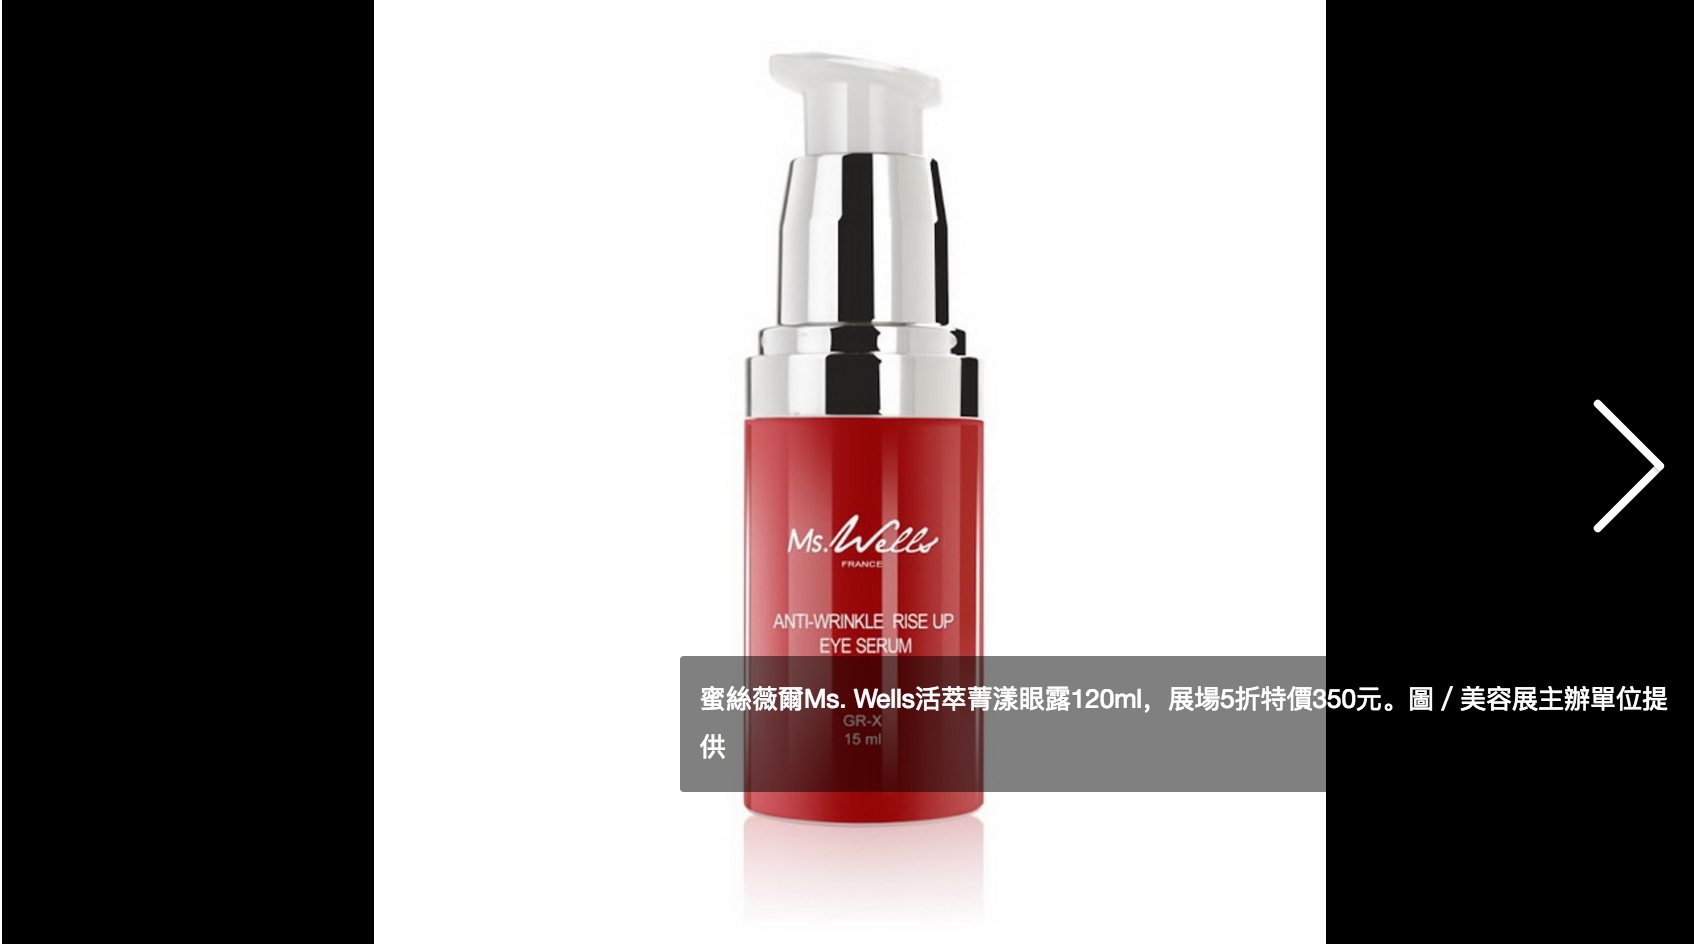 [新聞] 美容化妝品展周末看星光搶好康